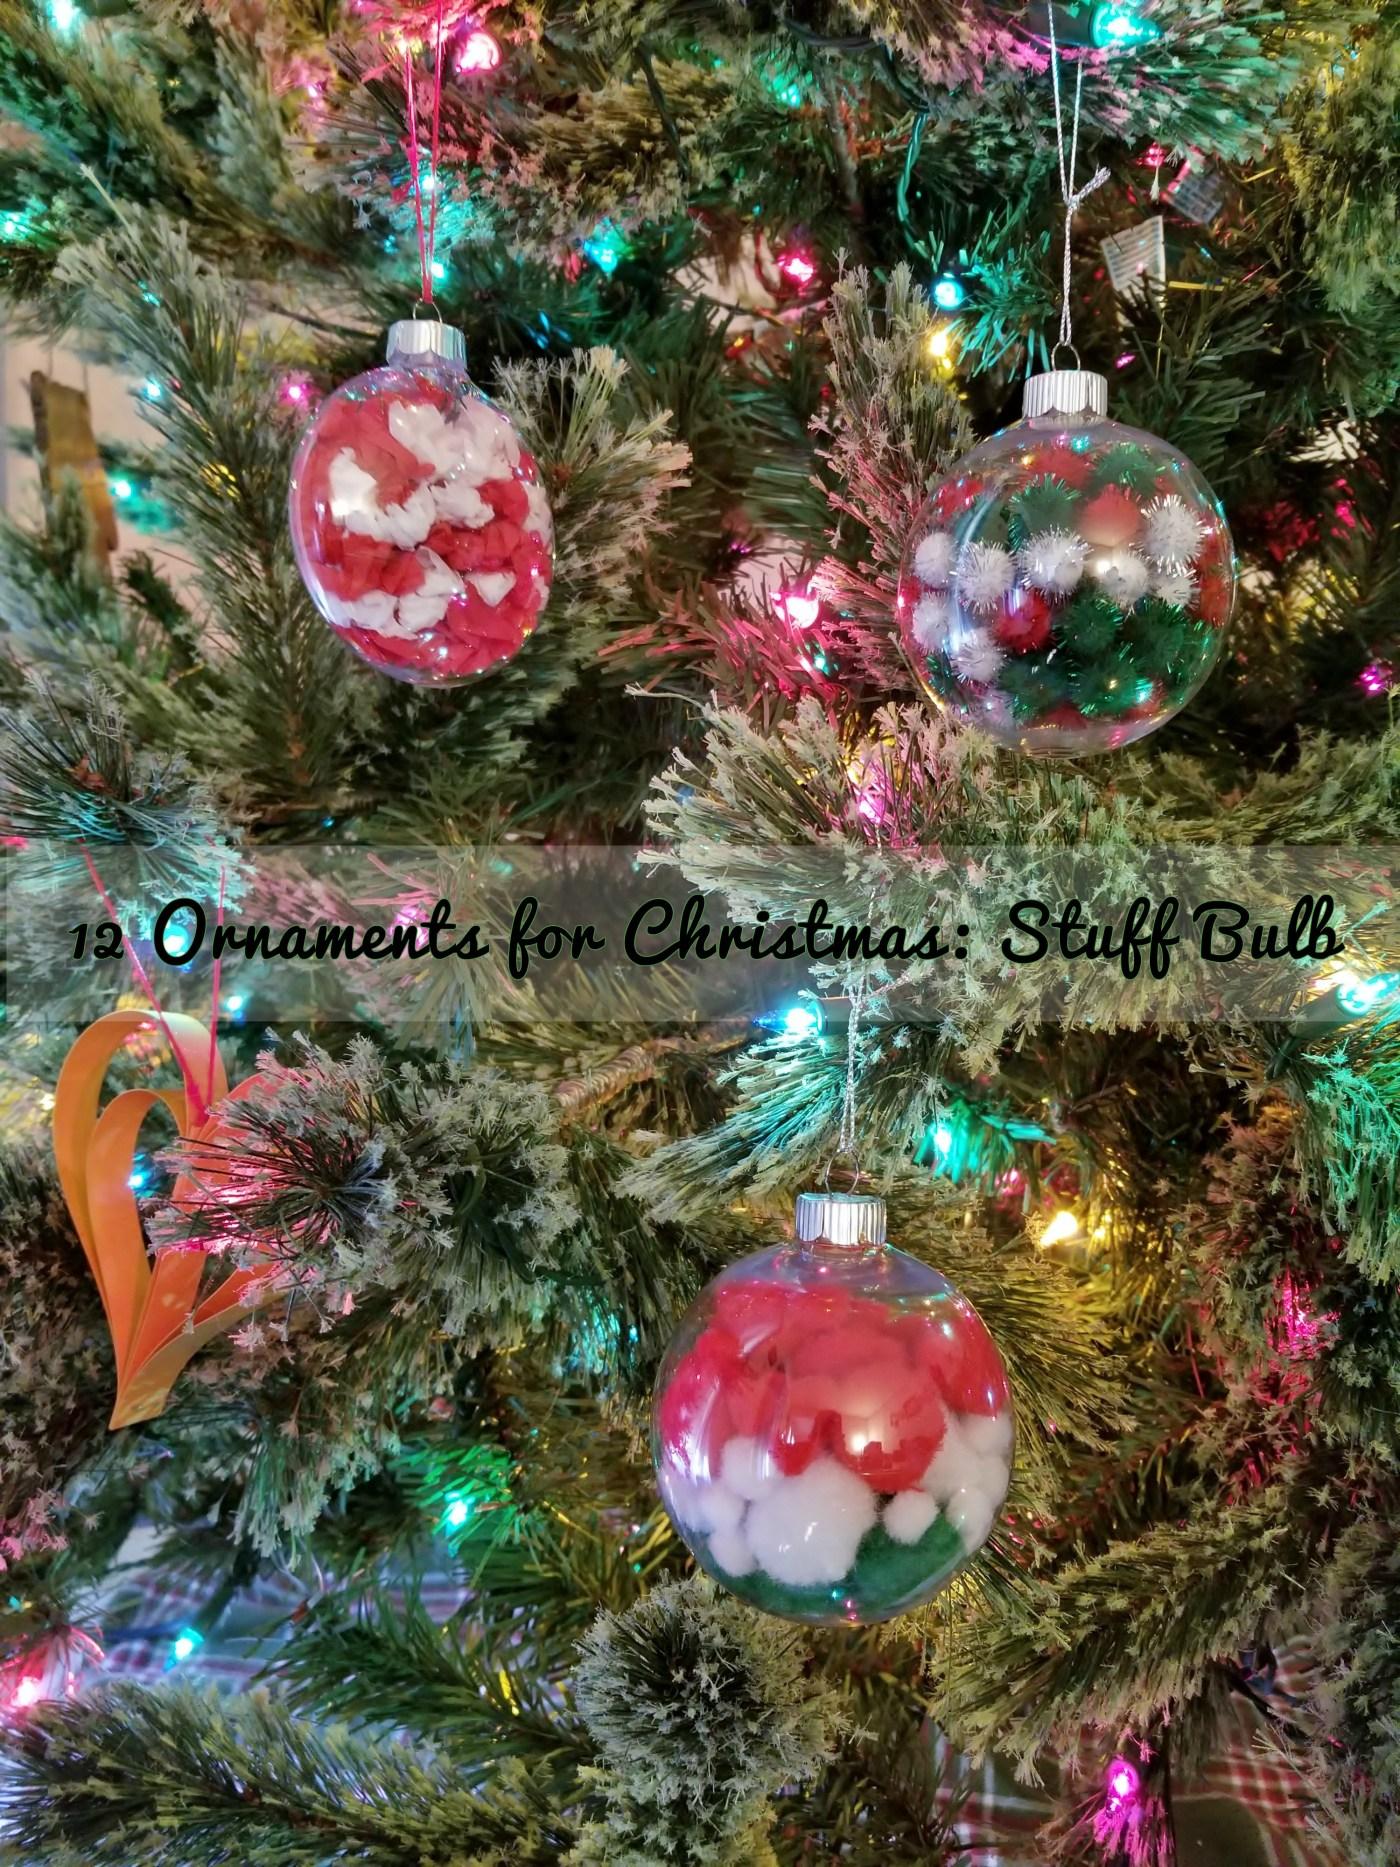 Christmas Stuff.12 Ornaments For Christmas Stuff Bulb